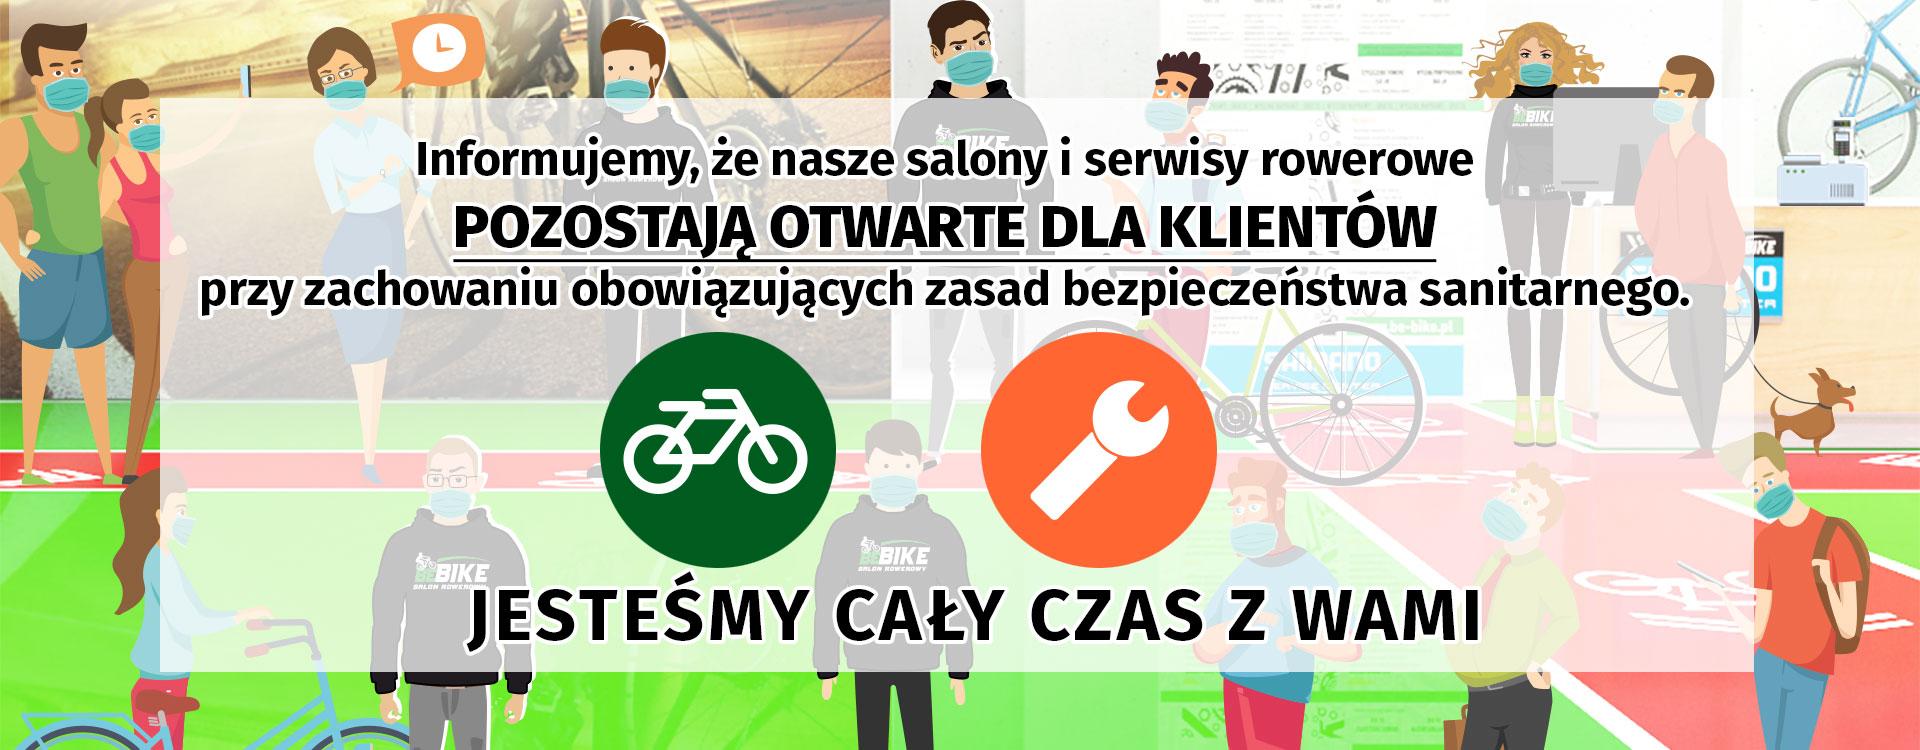 7253e8407c698f Sklep rowerowy BE-BIKE - Łódź, profesjonalny serwis rowerowy, serwis  narciarski, akcesoria, Łódź ul. Krzemieniecka 2